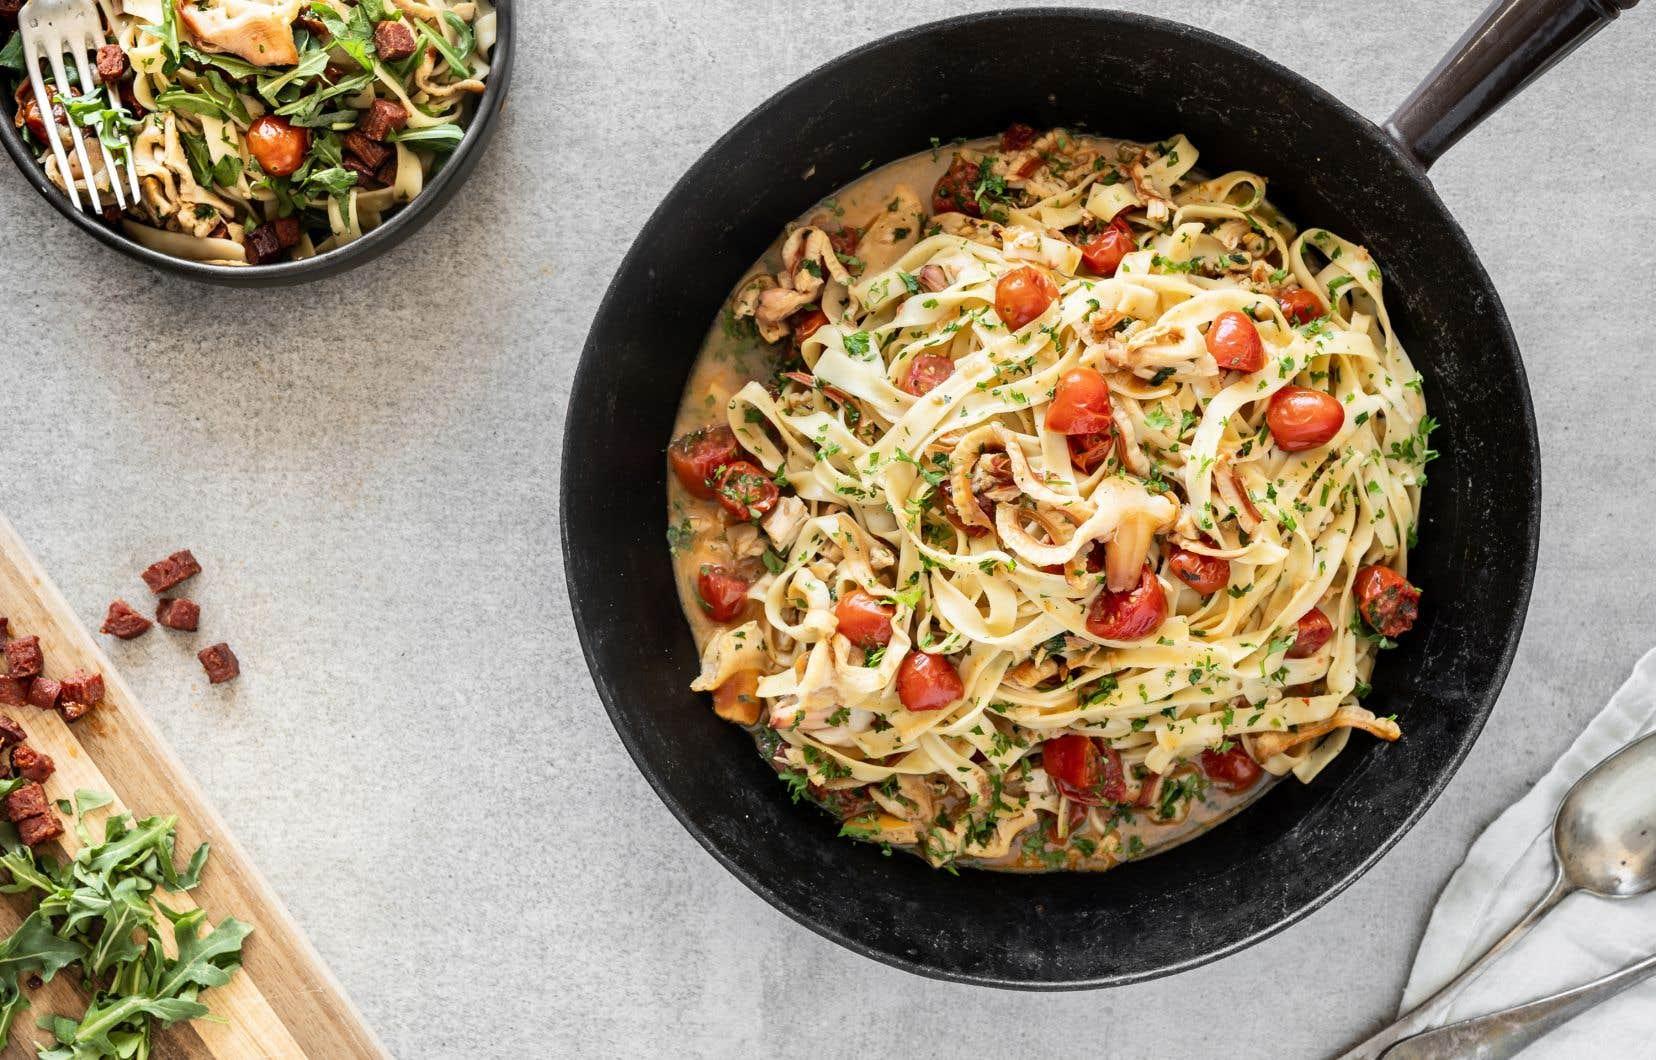 Une recette pour mettre en valeur le mollusque, dont le goût se rapproche du homard et du pétoncle.